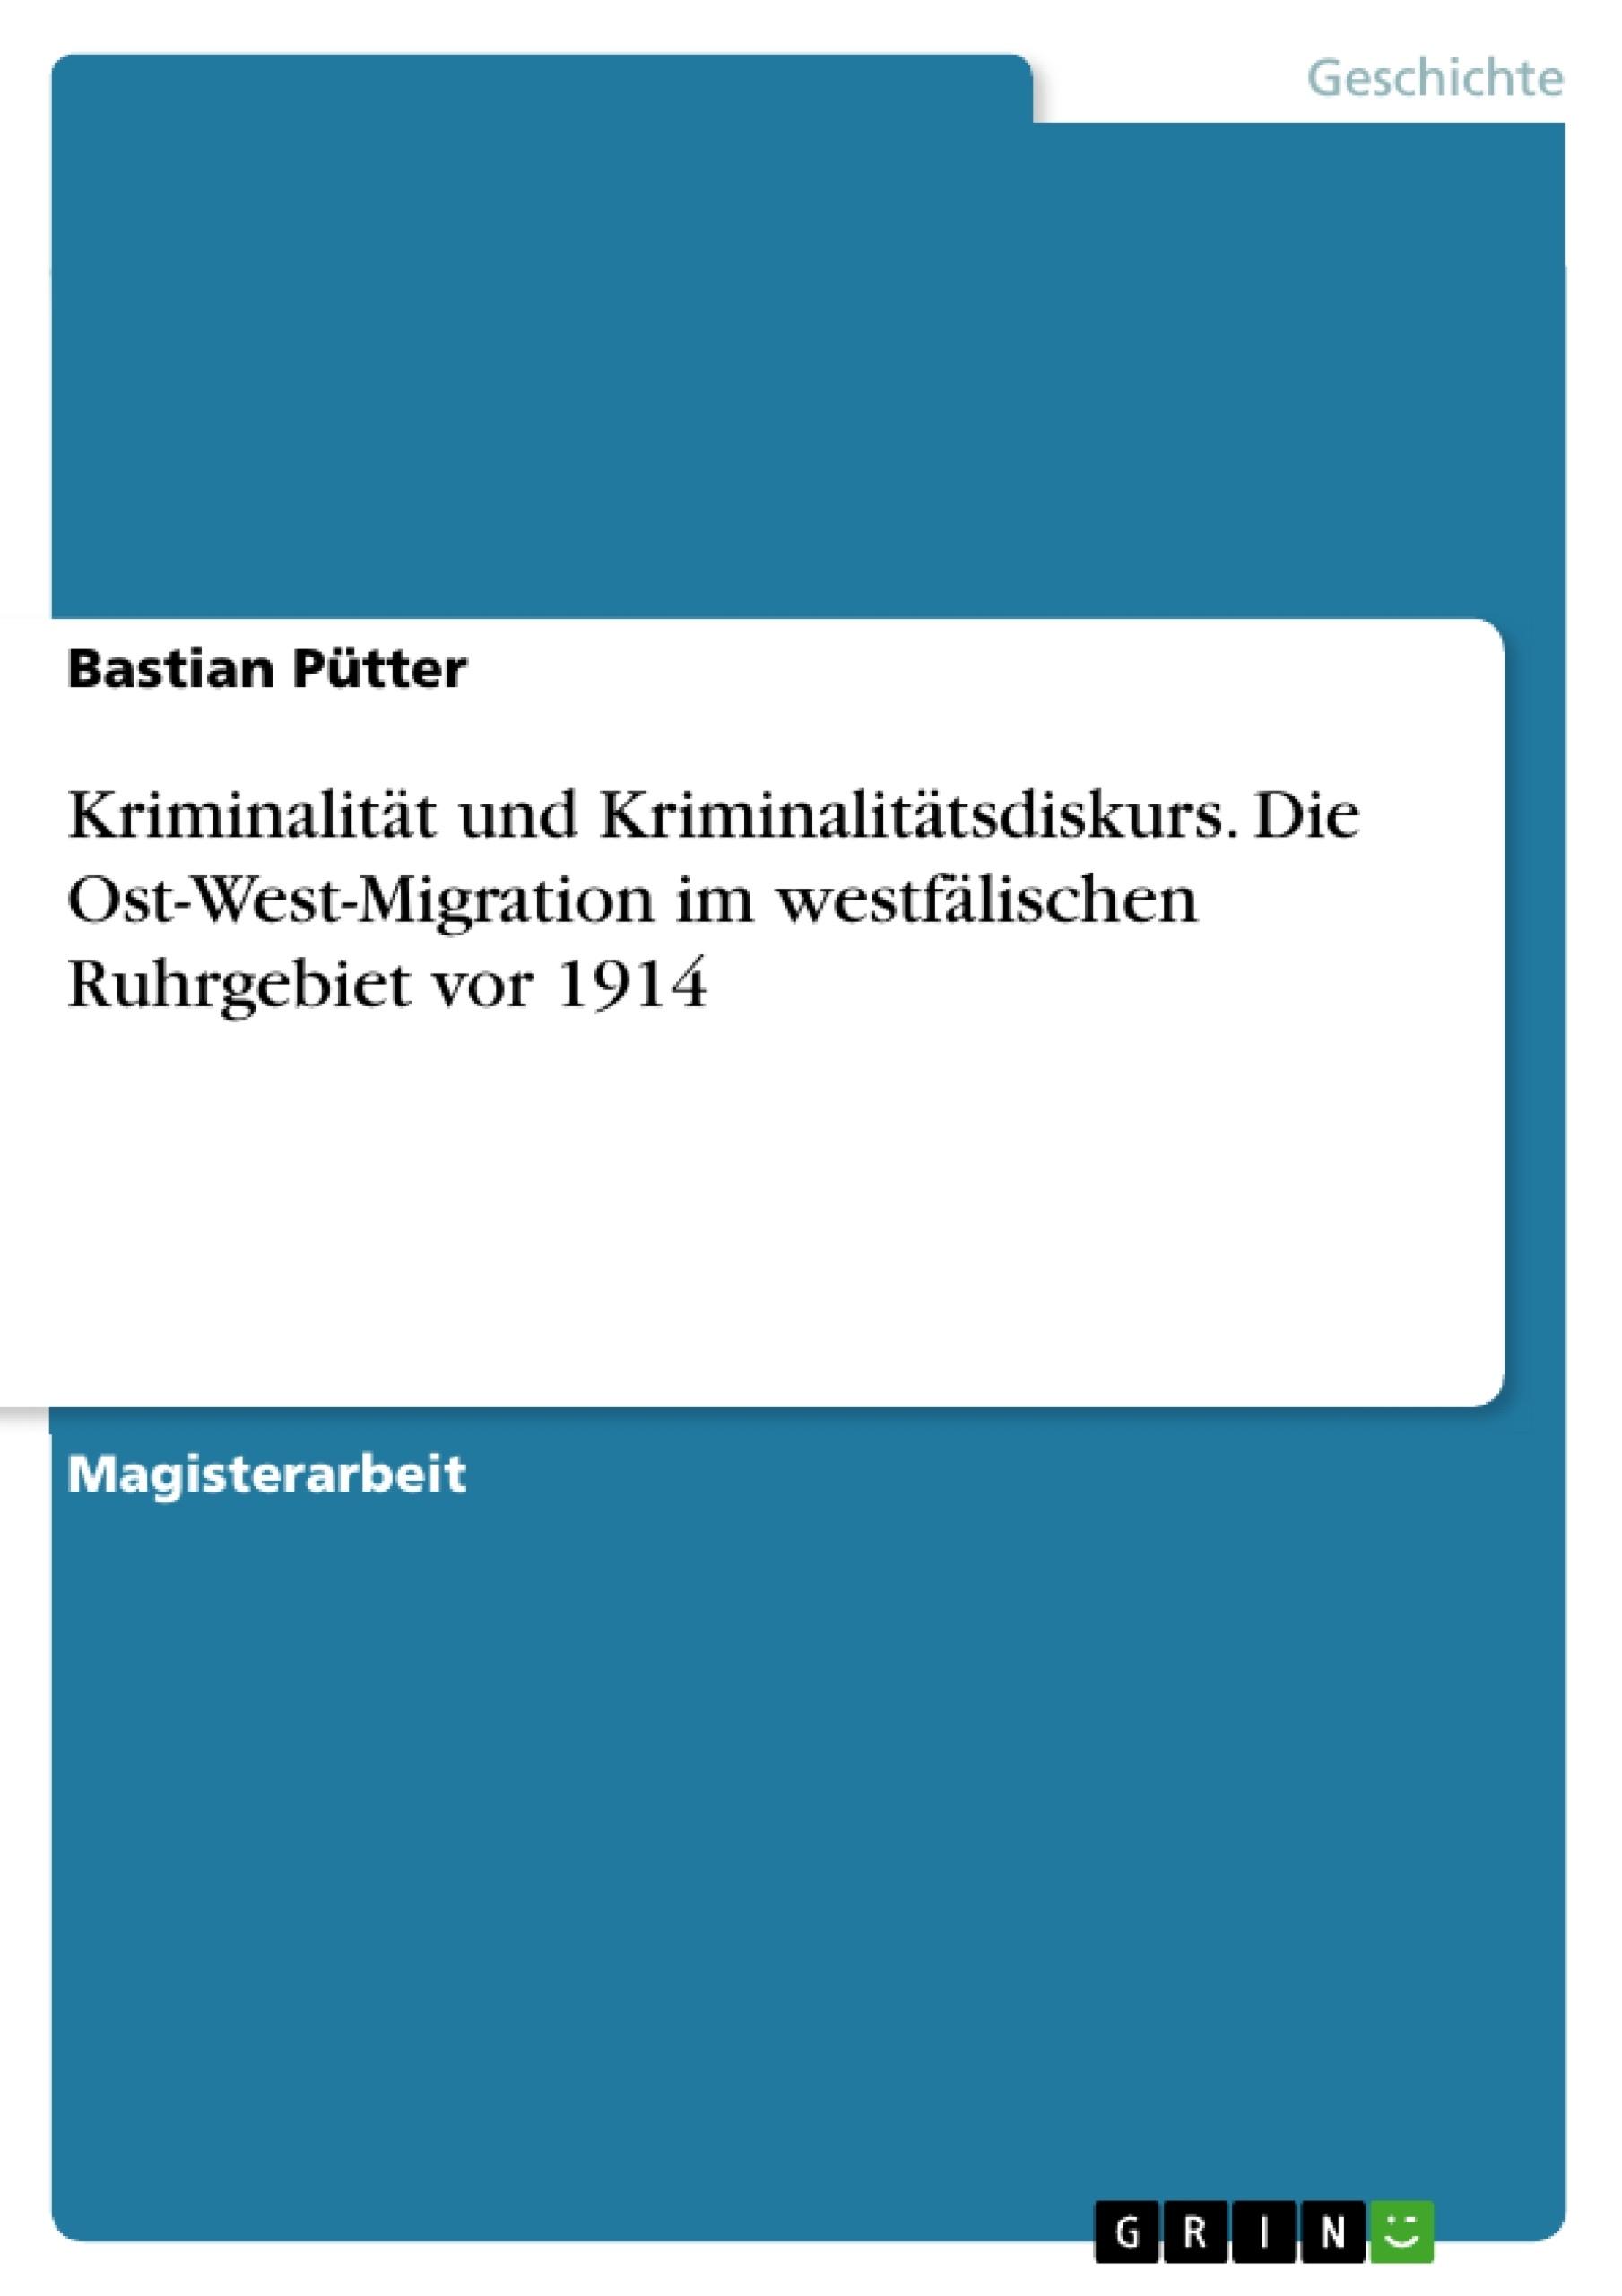 Titel: Kriminalität und Kriminalitätsdiskurs. Die Ost-West-Migration im westfälischen Ruhrgebiet vor 1914